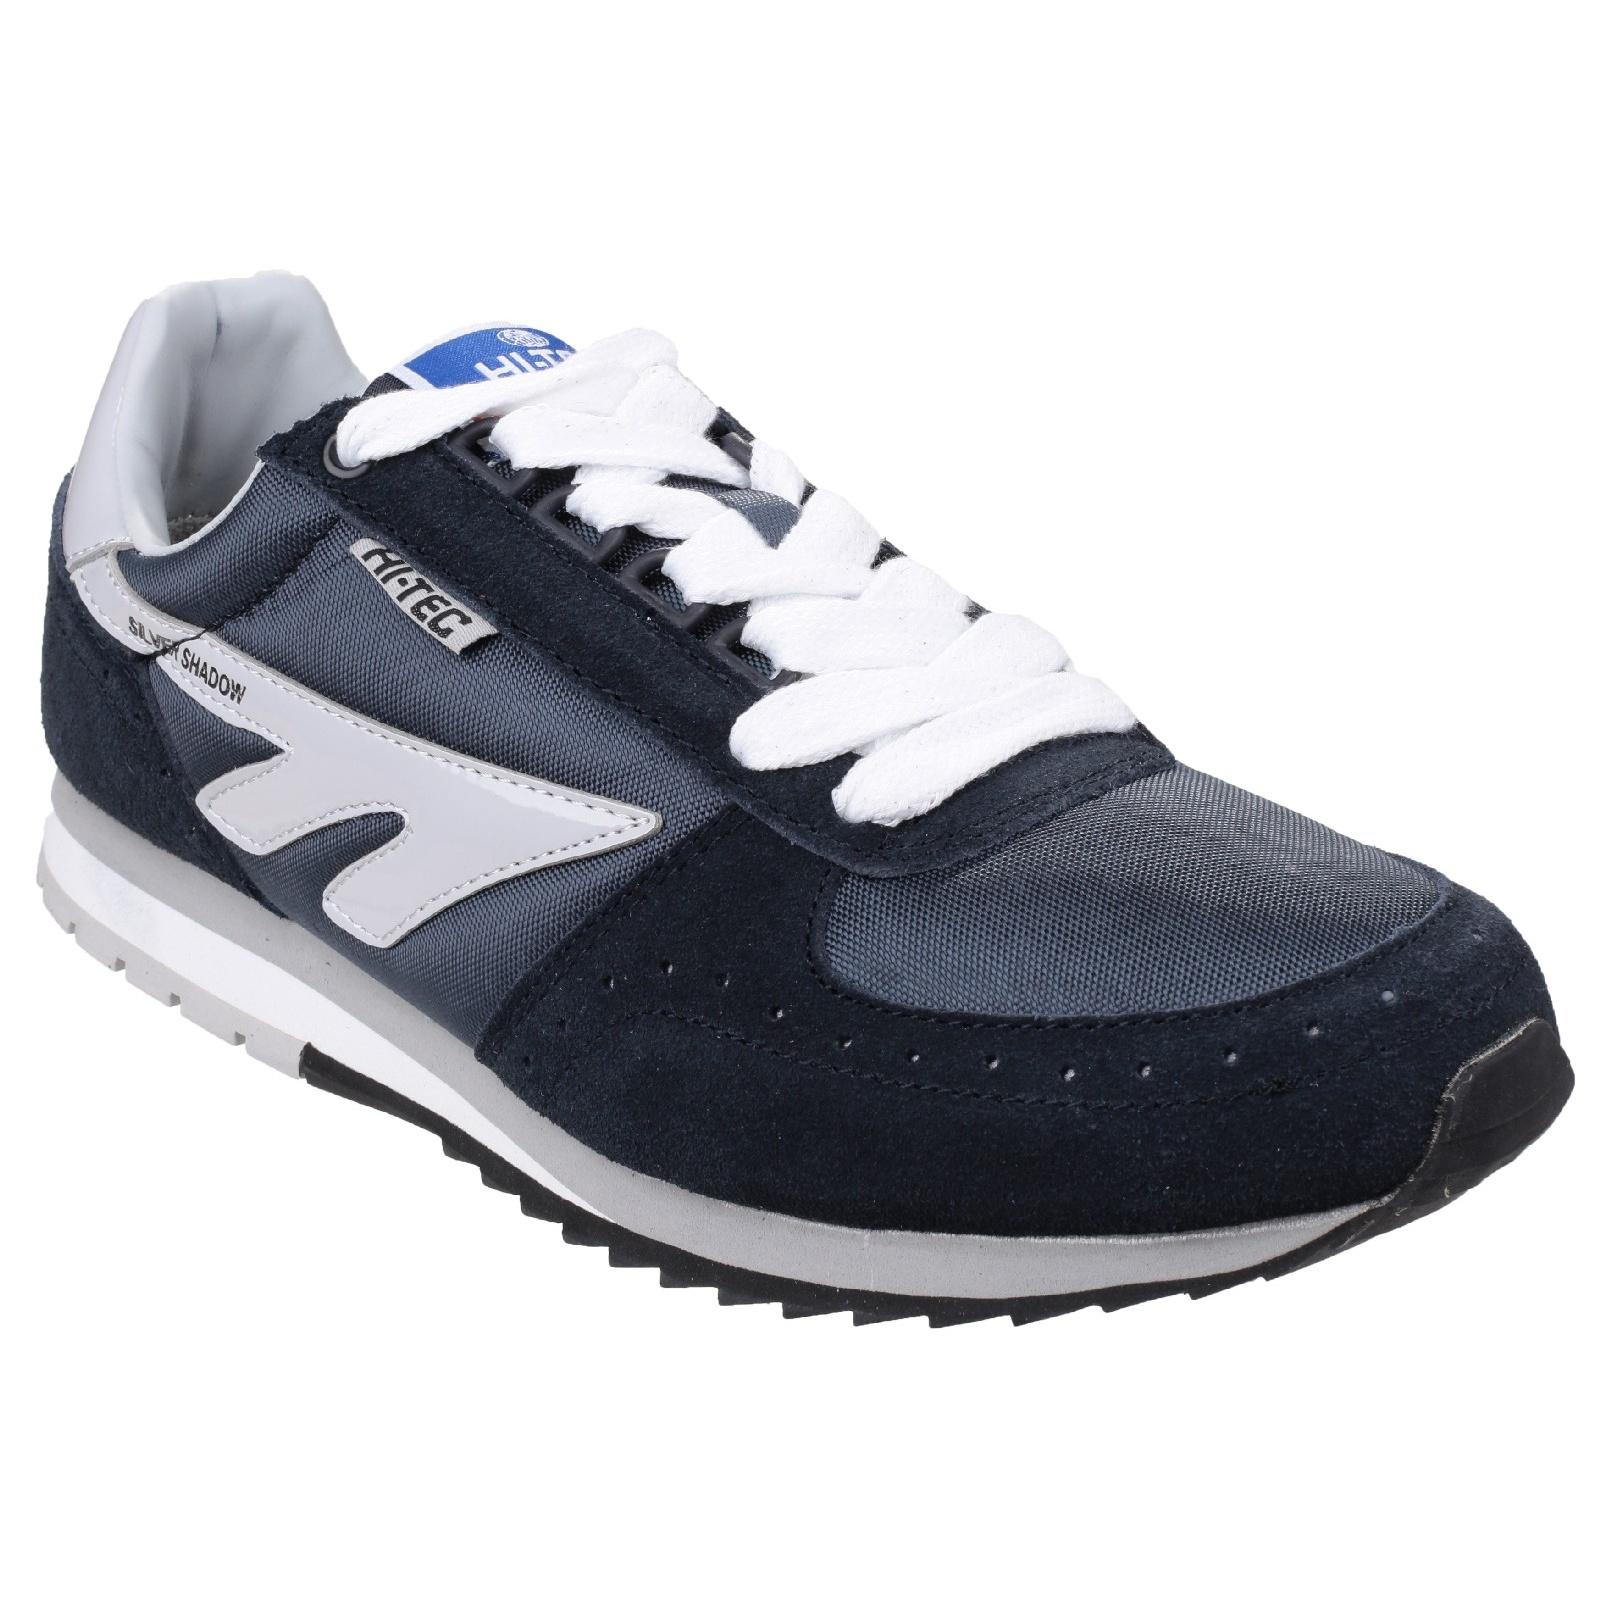 Hi-Tec-Zapatillas-deportivas-Modelo-Shadow-Original-hombre-caballero-FS3215